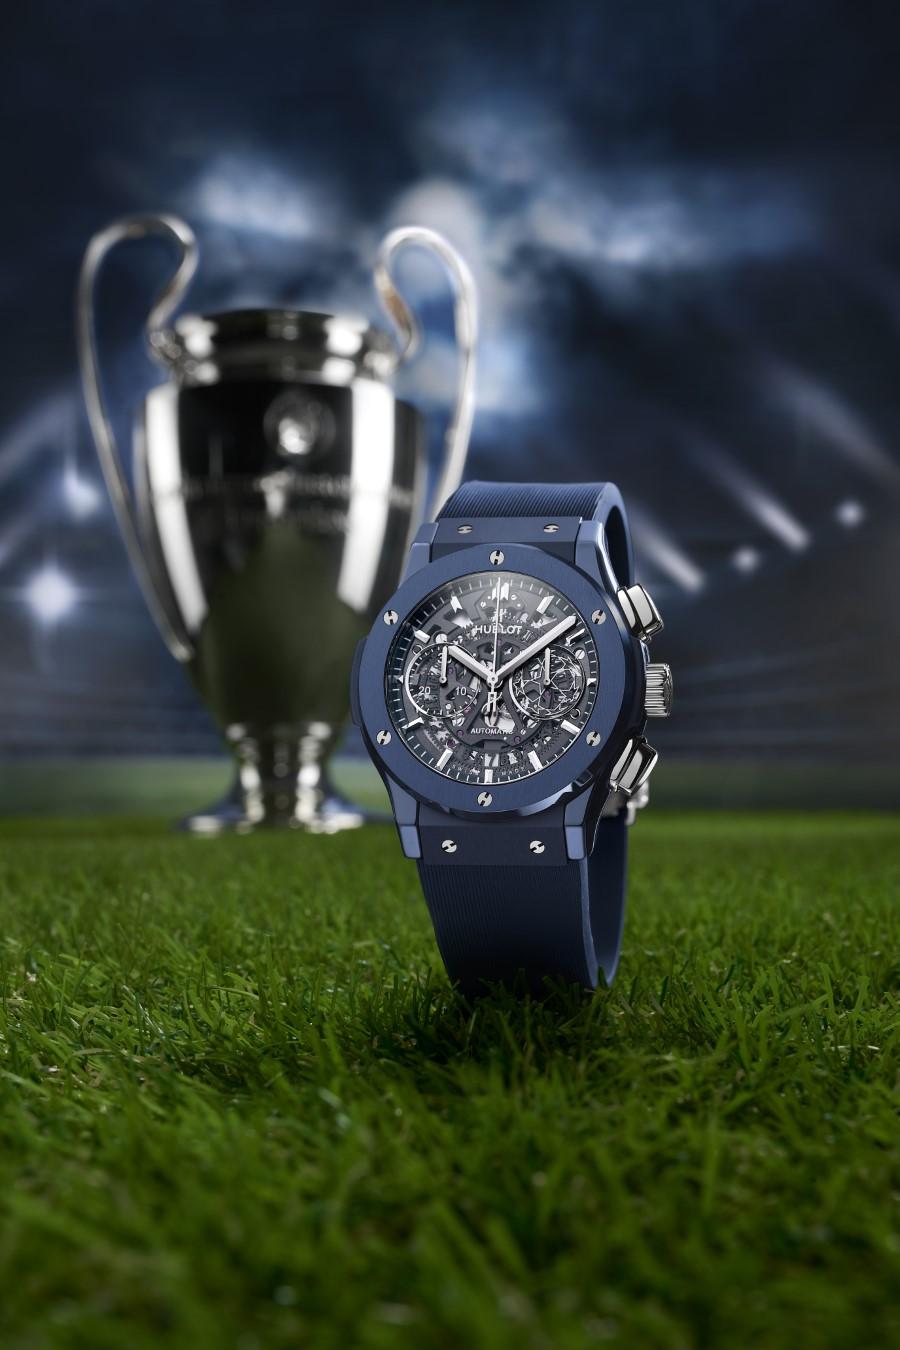 Hublot Classic Fusion Aerofusion Chronographe UEFA Champions League